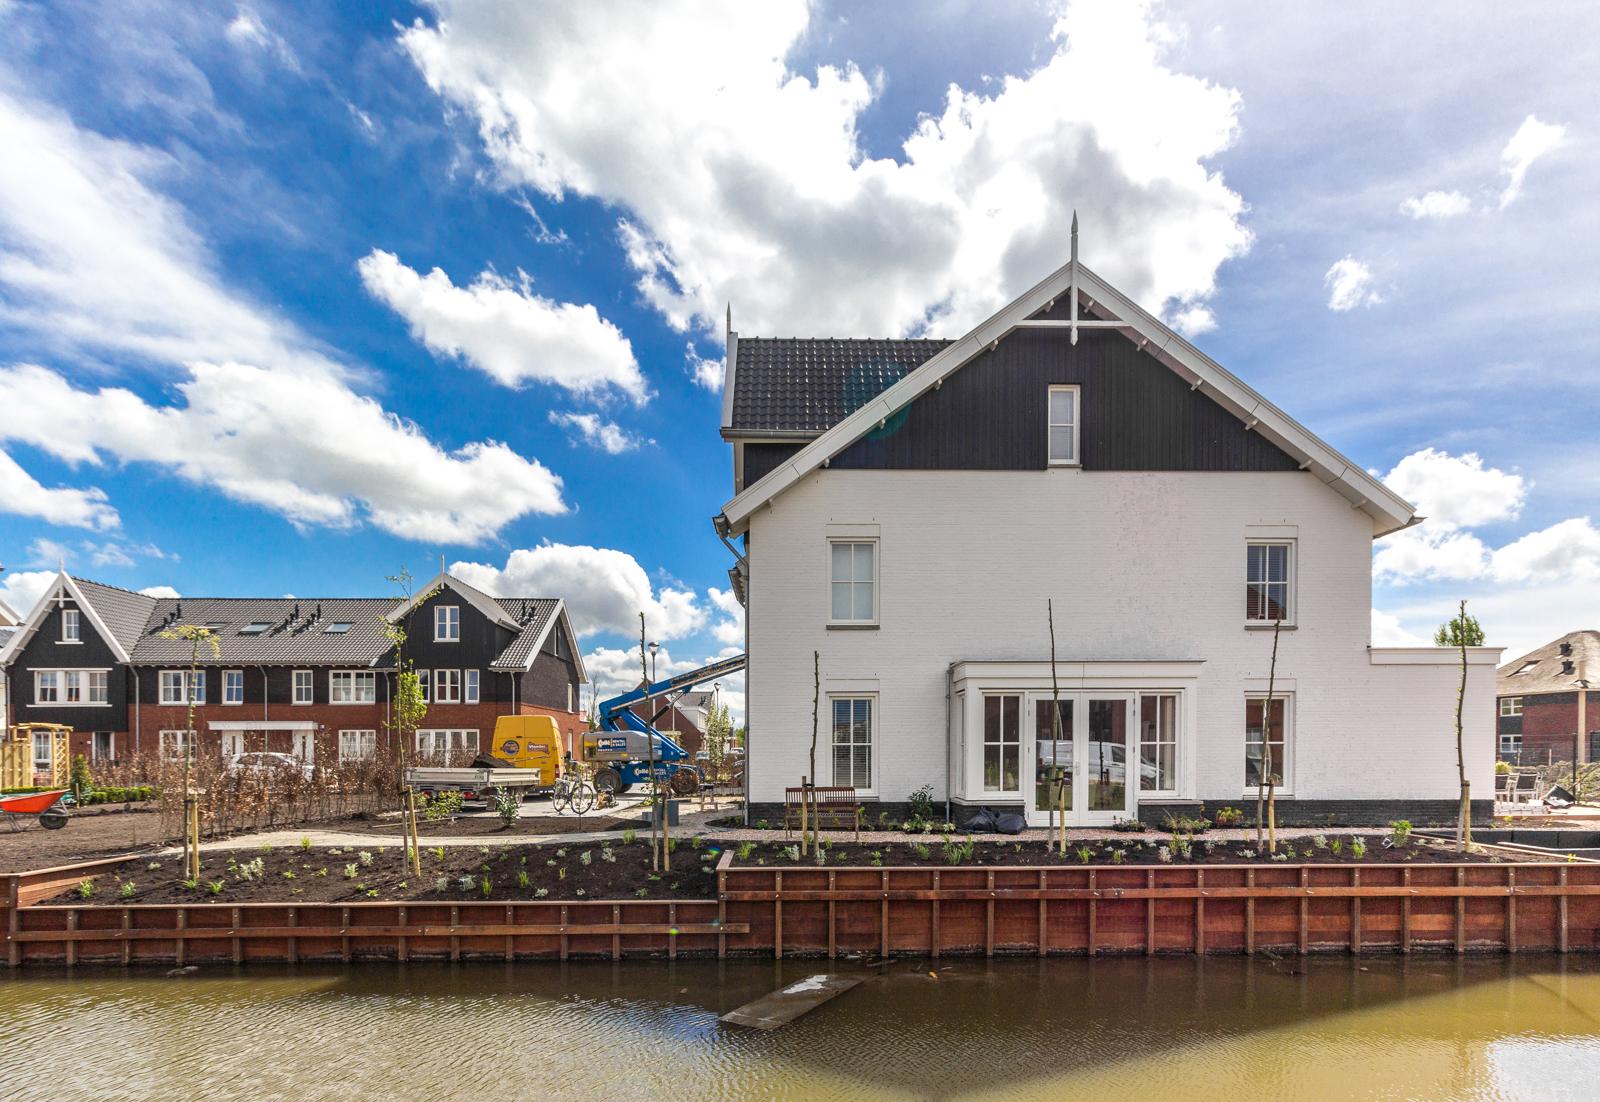 Ackerswoude-Landrijk3-Pijnacker-4436